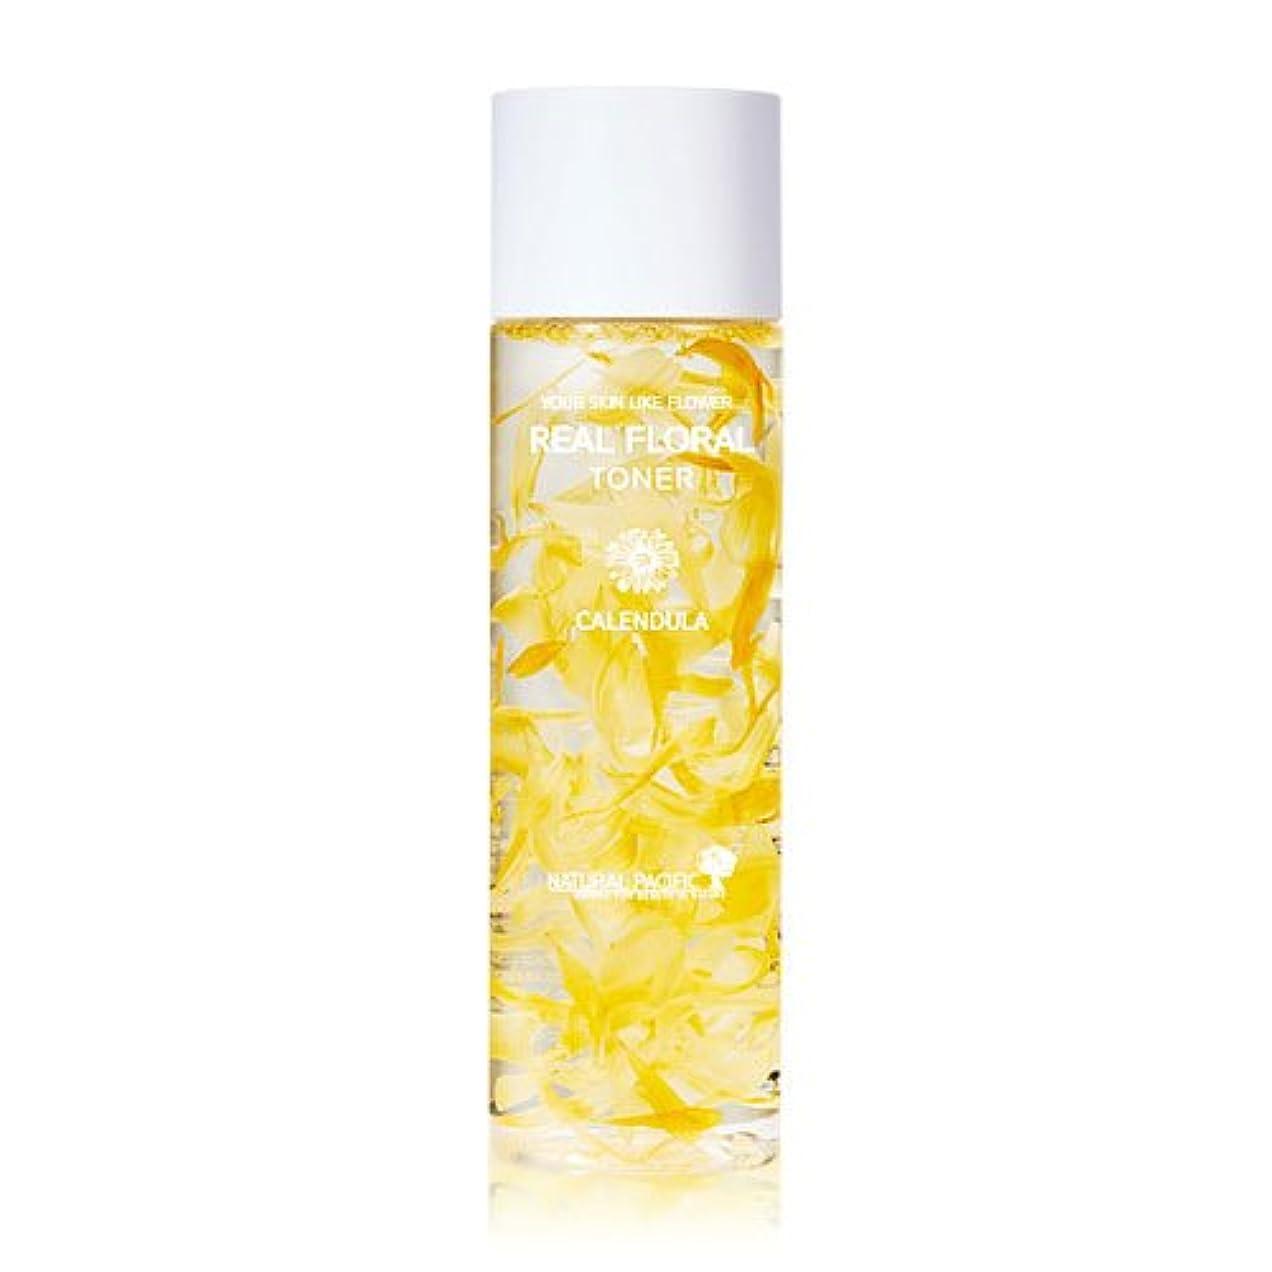 西うんざり名前を作る[Renewal] NATURAL PACIFIC Real Calendula Floral Toner 180ml/ナチュラルパシフィック リアル カレンデュラ フローラル トナー 180ml [並行輸入品]